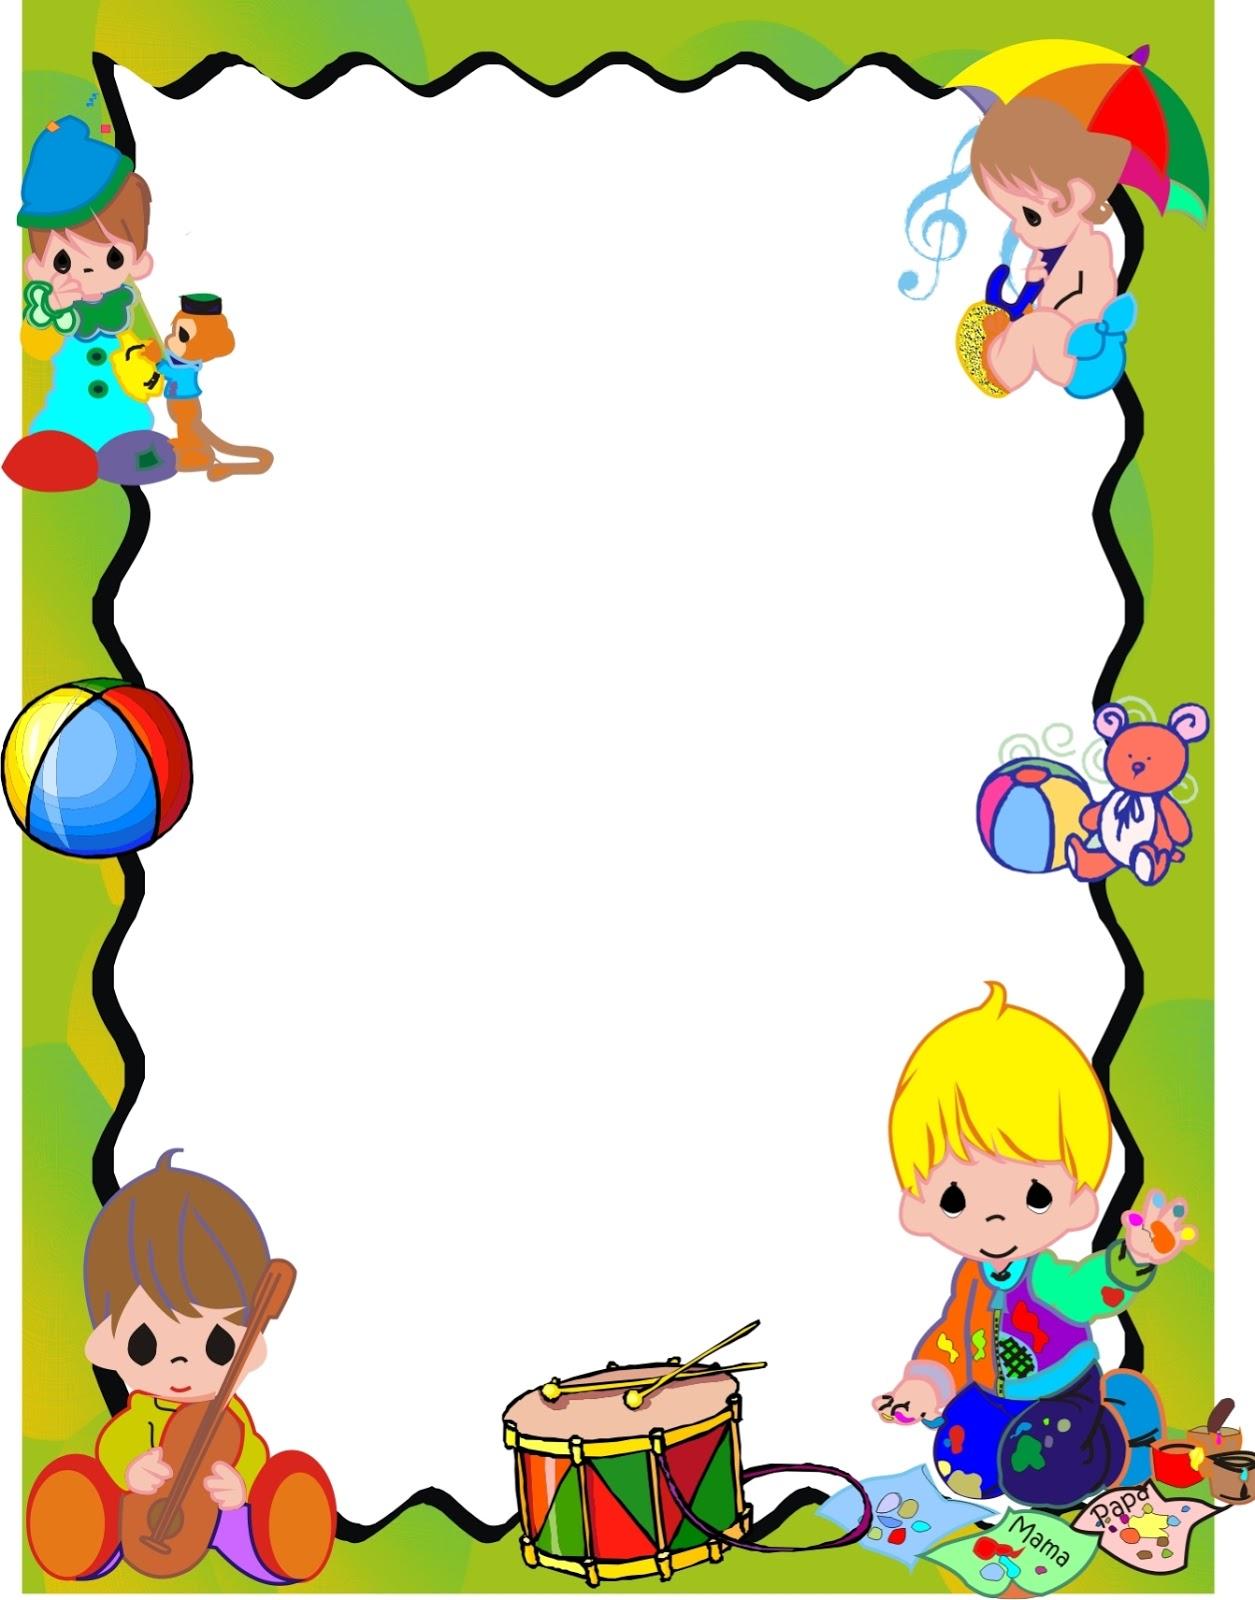 Márgenes para carátulas para niños - Imagui